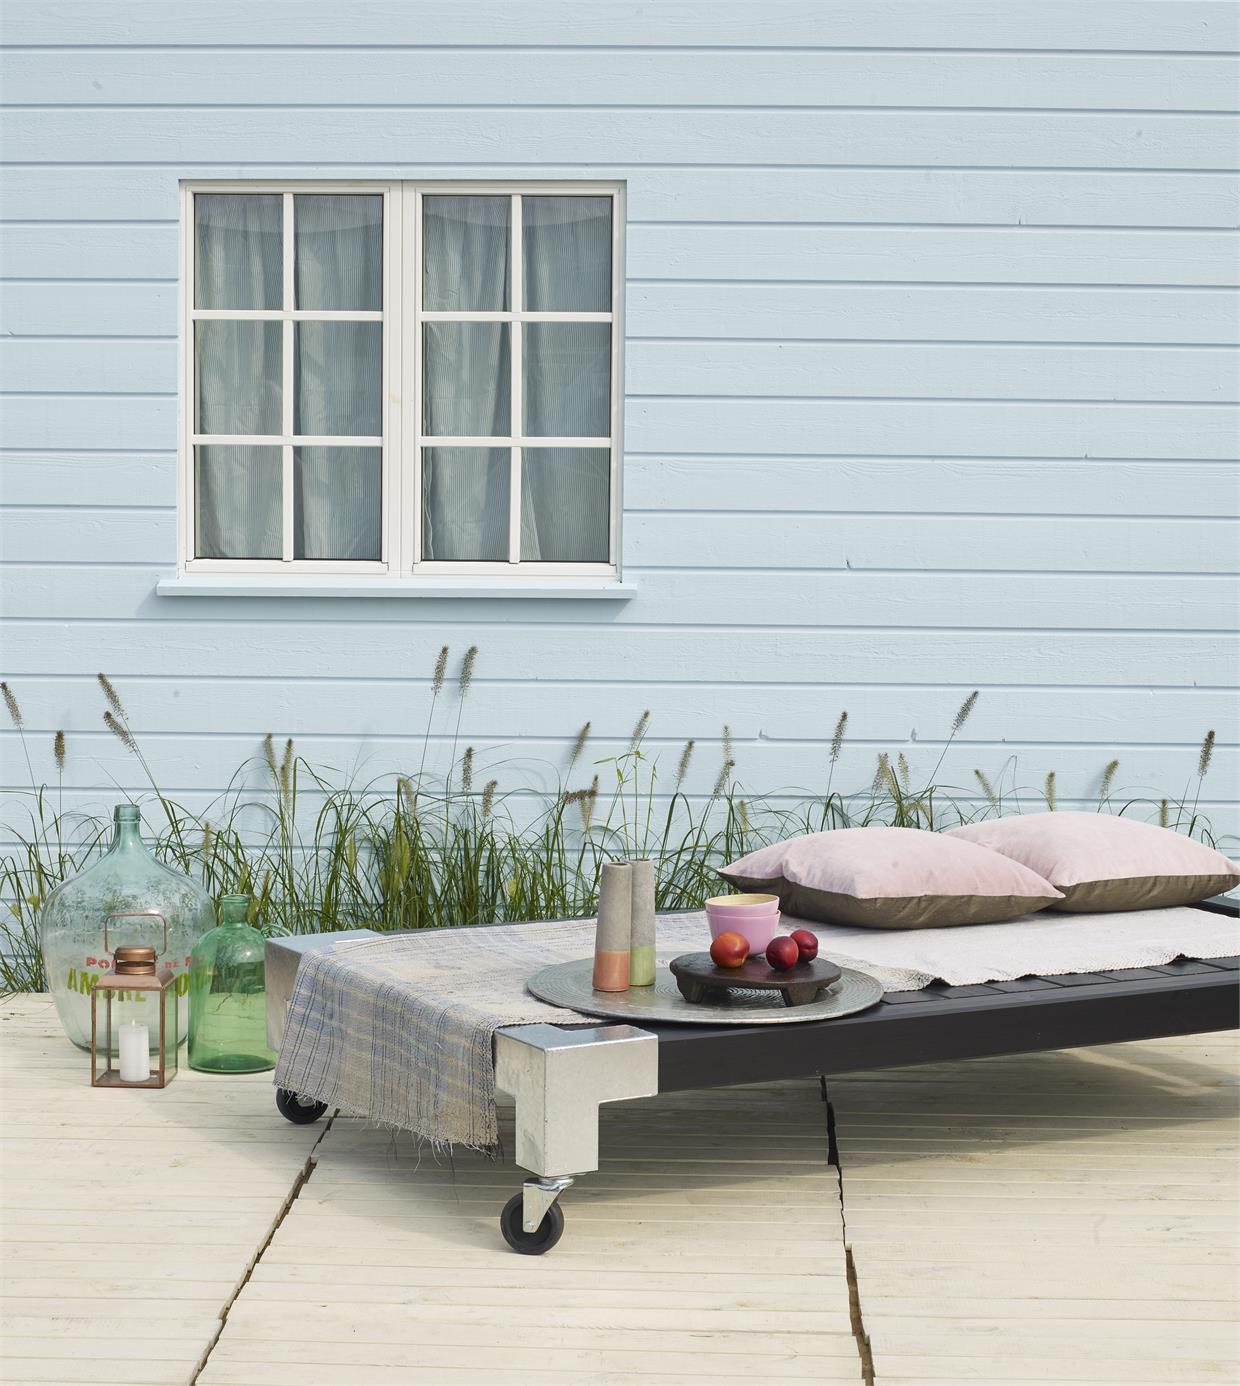 garten im quadrat holz liege cubic modernes gartenbett mobil graubraun. Black Bedroom Furniture Sets. Home Design Ideas